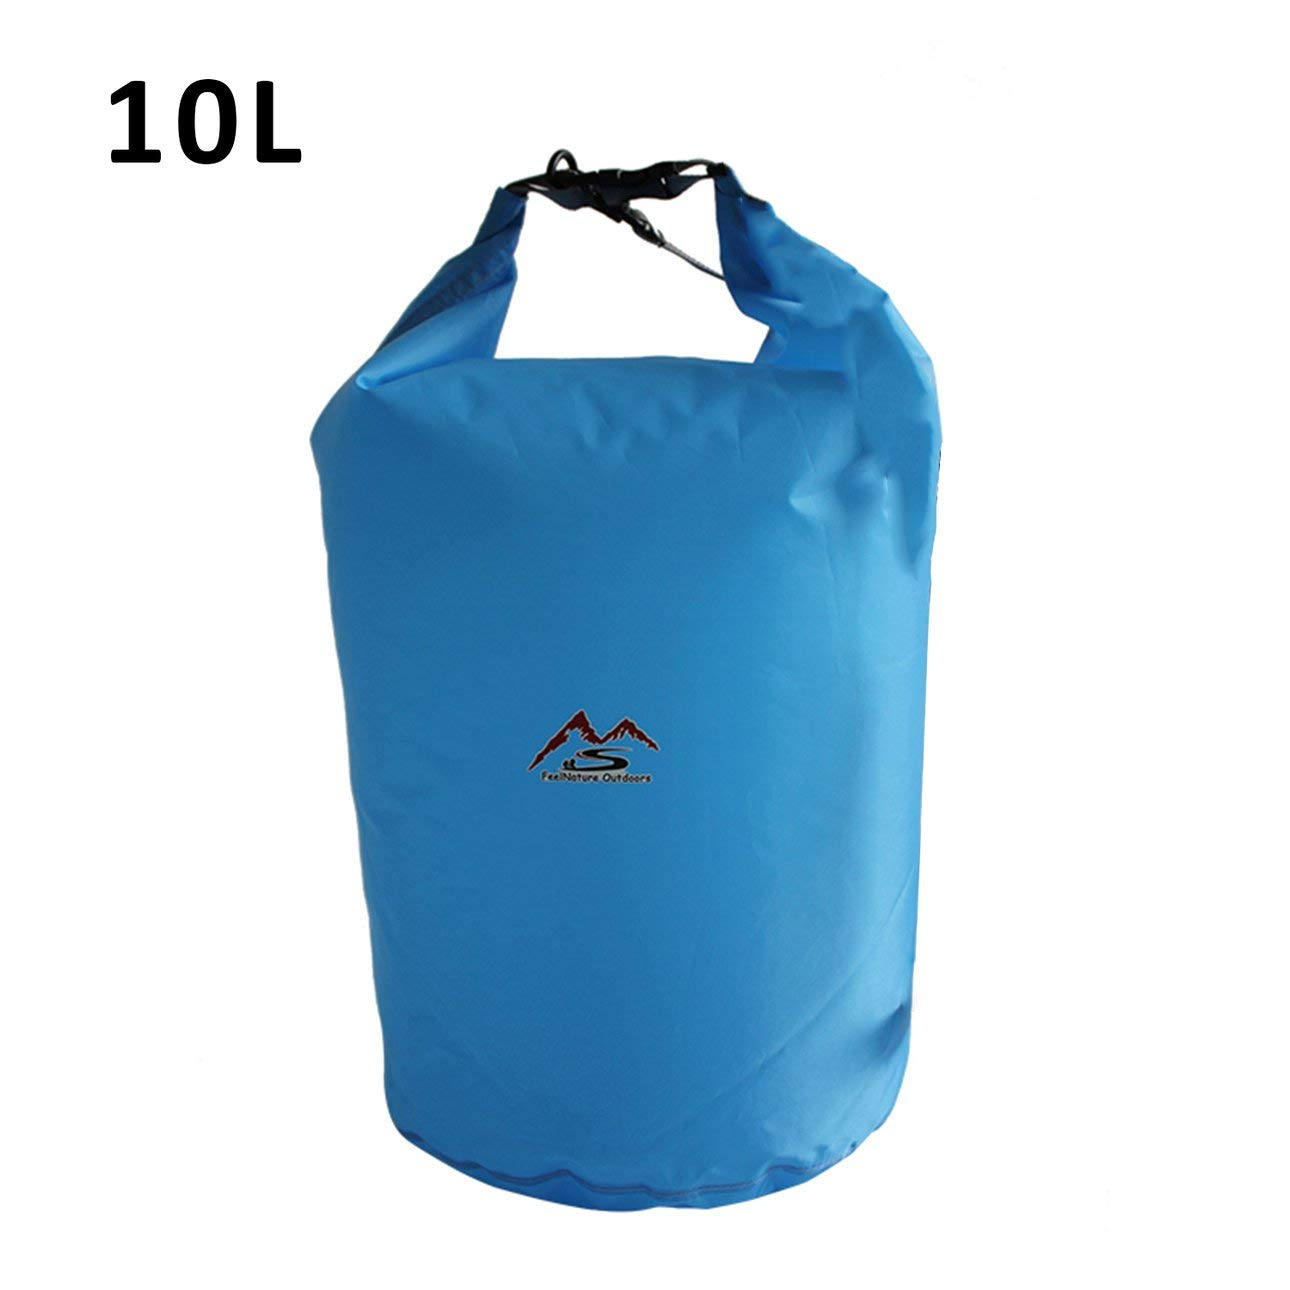 Ballylelly Sacca Impermeabile da Esterno 10L 20L Sacca per Sacchi a Secco Sacche Impermeabili galleggianti Impermeabili per la Pesca in Barca Rafting Nuoto